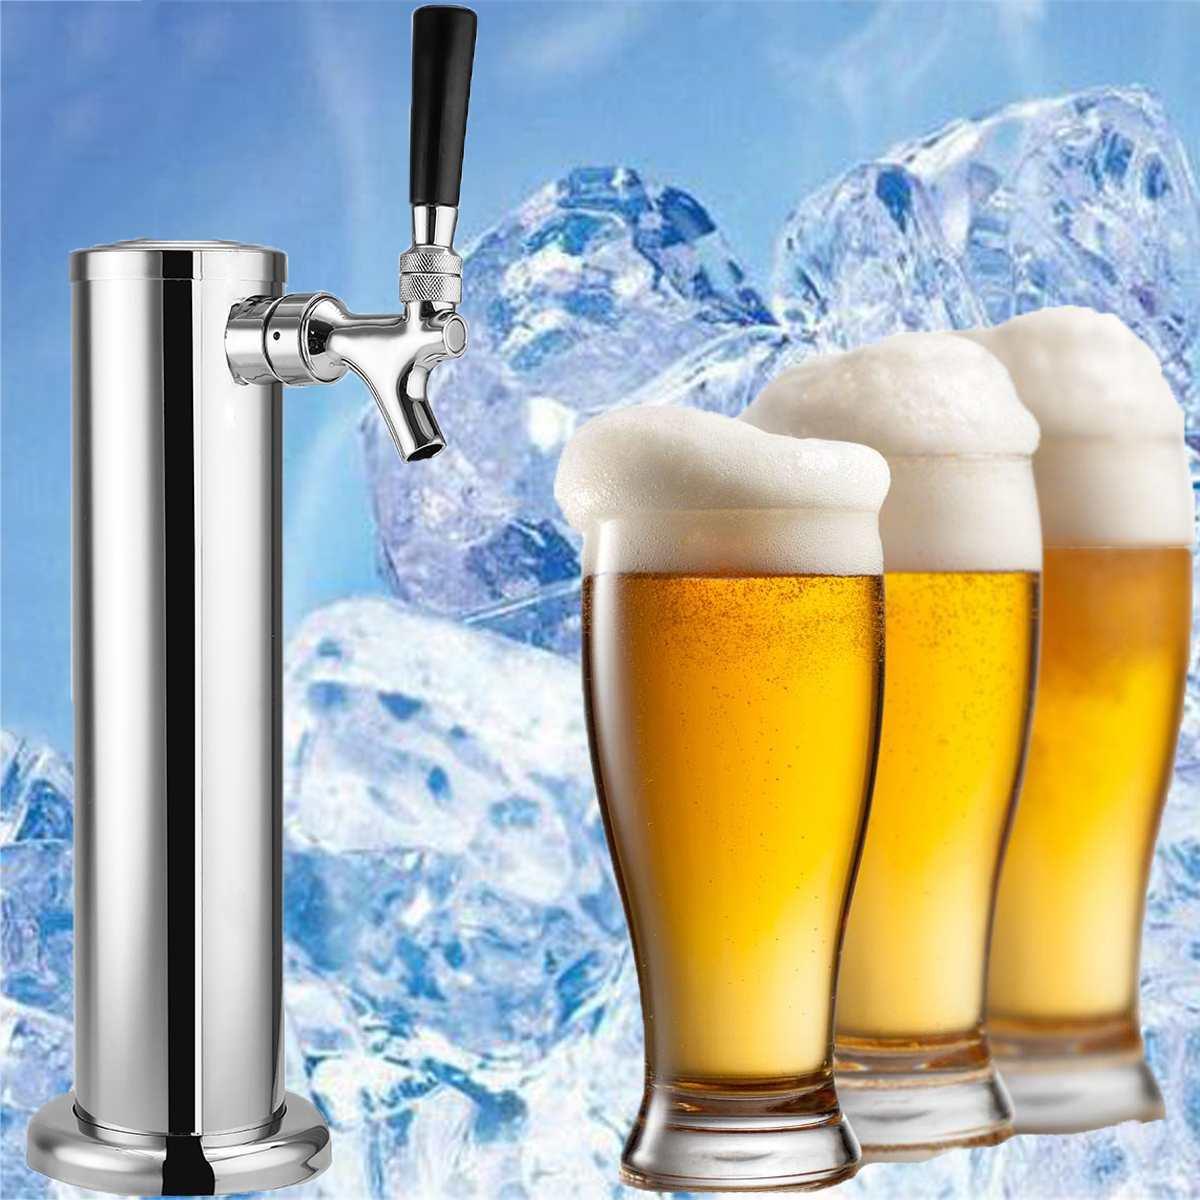 Разливное пиво картинки для рекламы